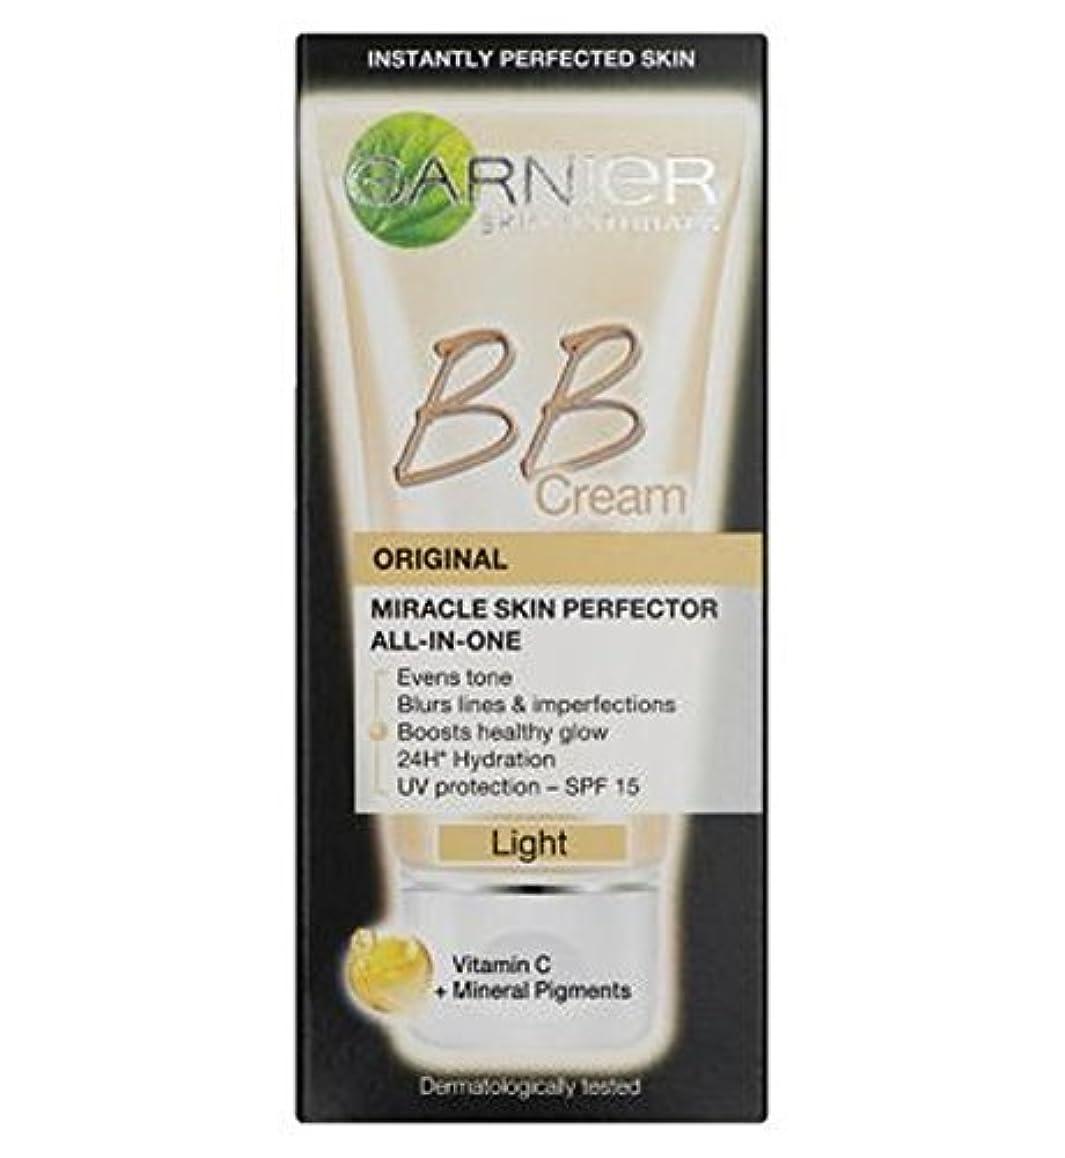 誰がしなやかな仕事に行くGarnier Skin Perfector Daily All-In-One B.B. Blemish Balm Cream Light 50ml - 毎日オールインワンB.B.ガルニエスキンパーフェク傷バームクリームライト...